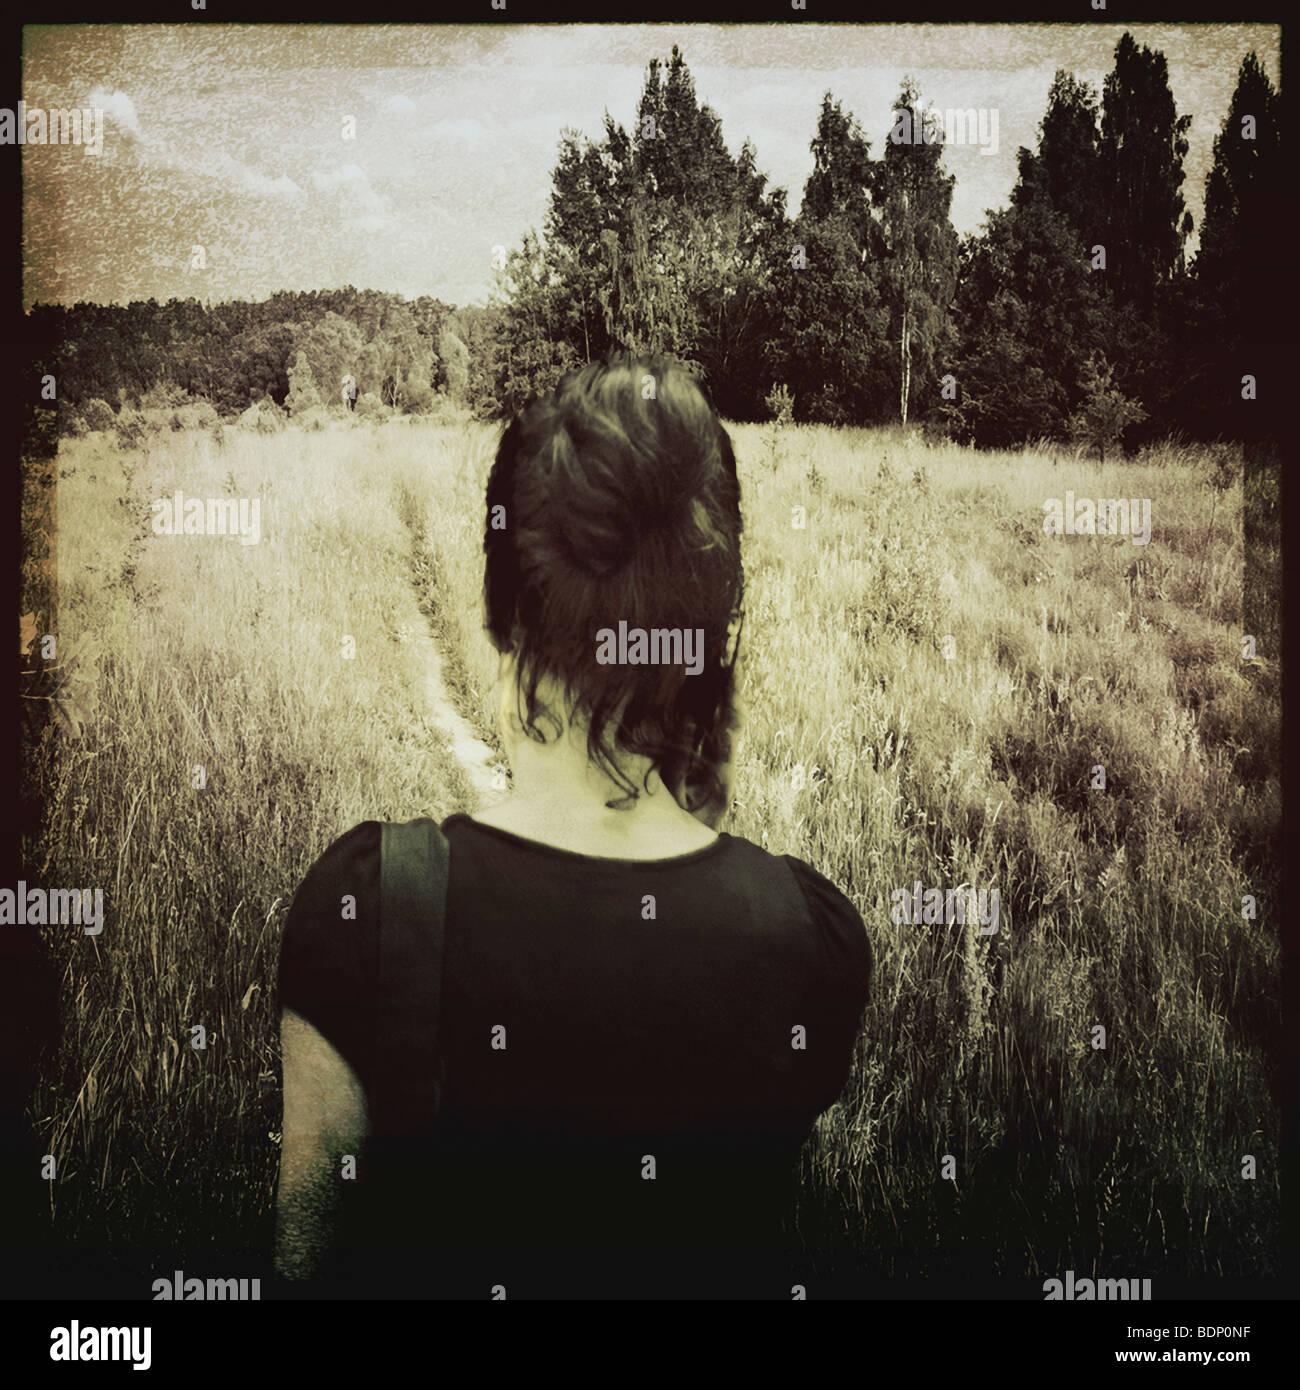 A woman walking across a field. - Stock Image